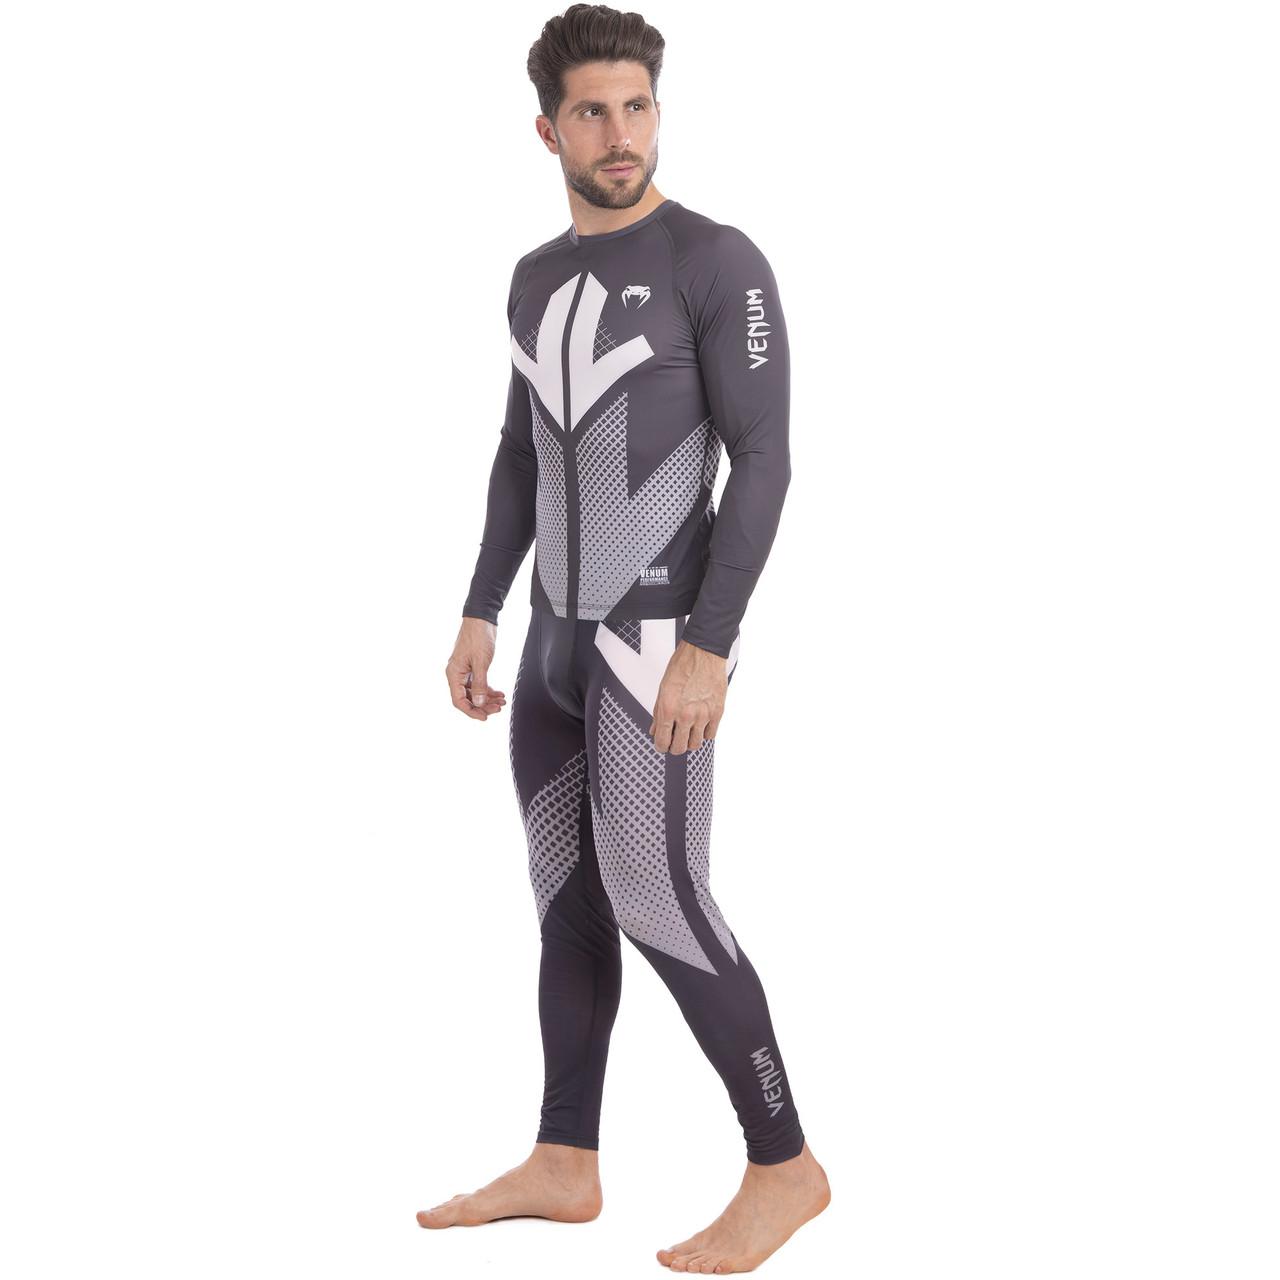 Комплект компрессионный мужской (Longslive и штаны) VNM 9512-9612 размер M-2XL (полиэстер, эластан,